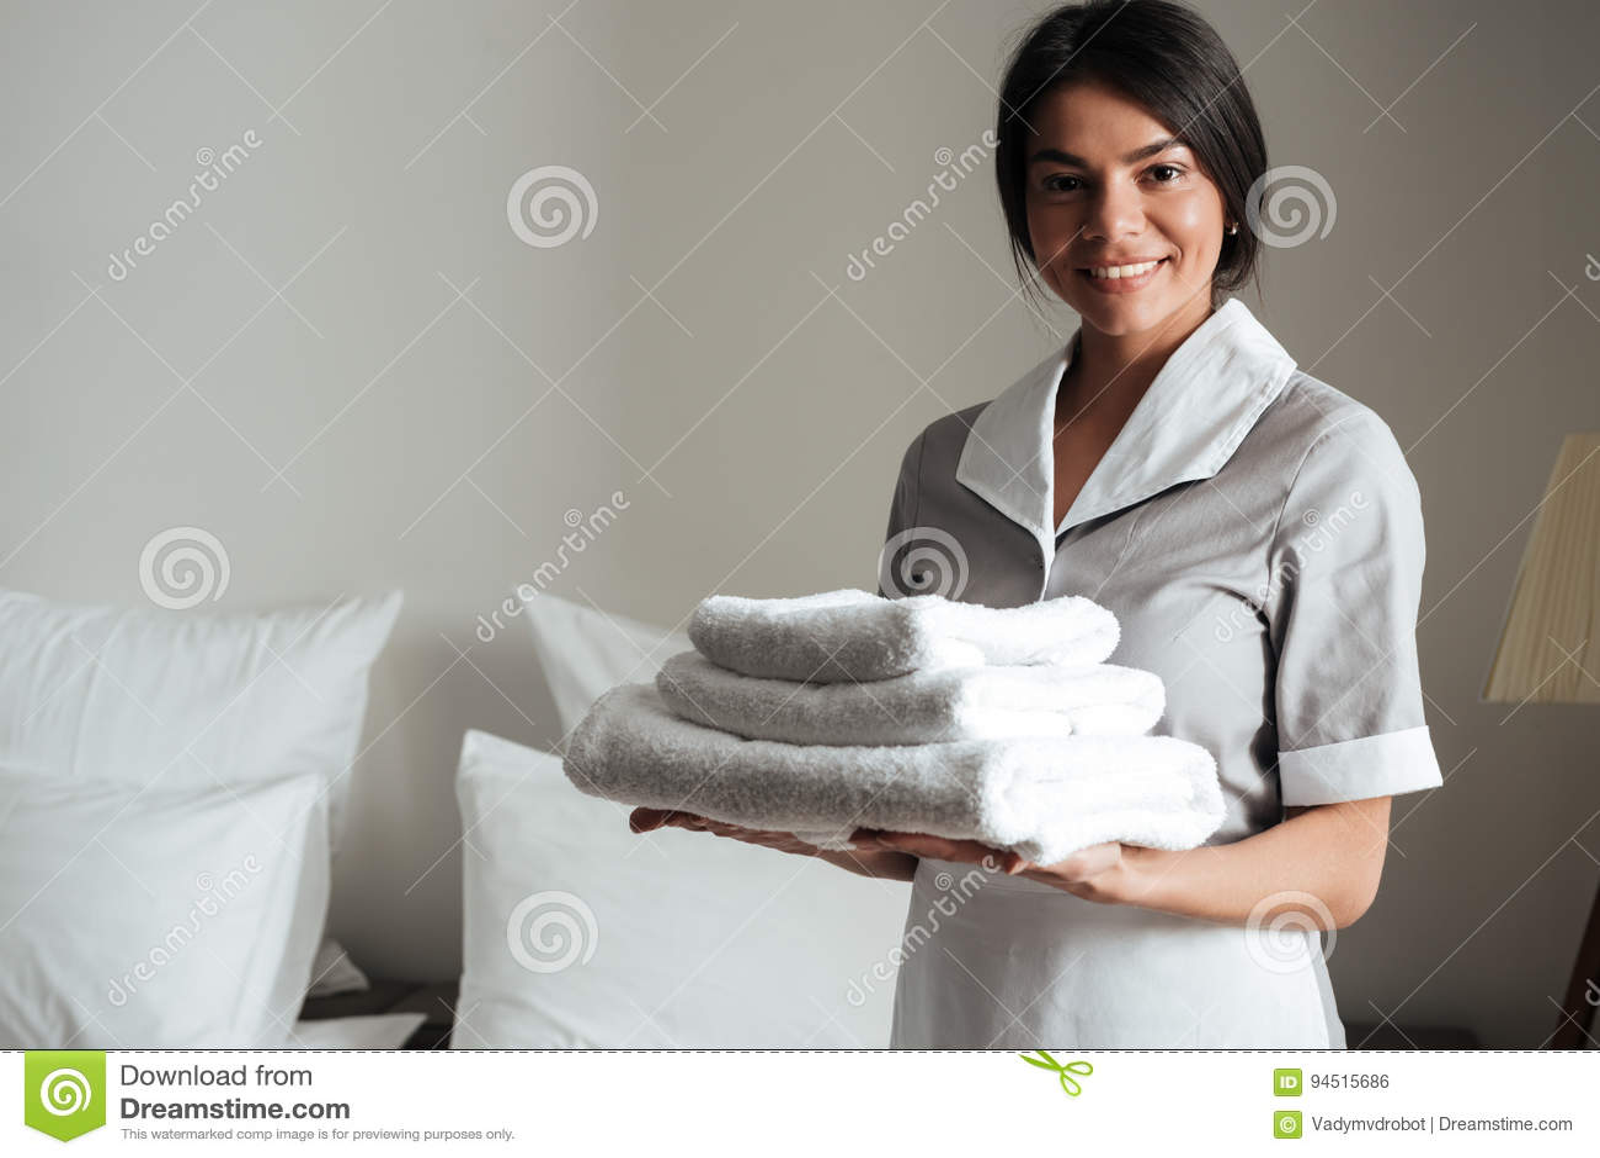 El retrato de una criada del hotel que se considera fresca limpia las toallas dobladas